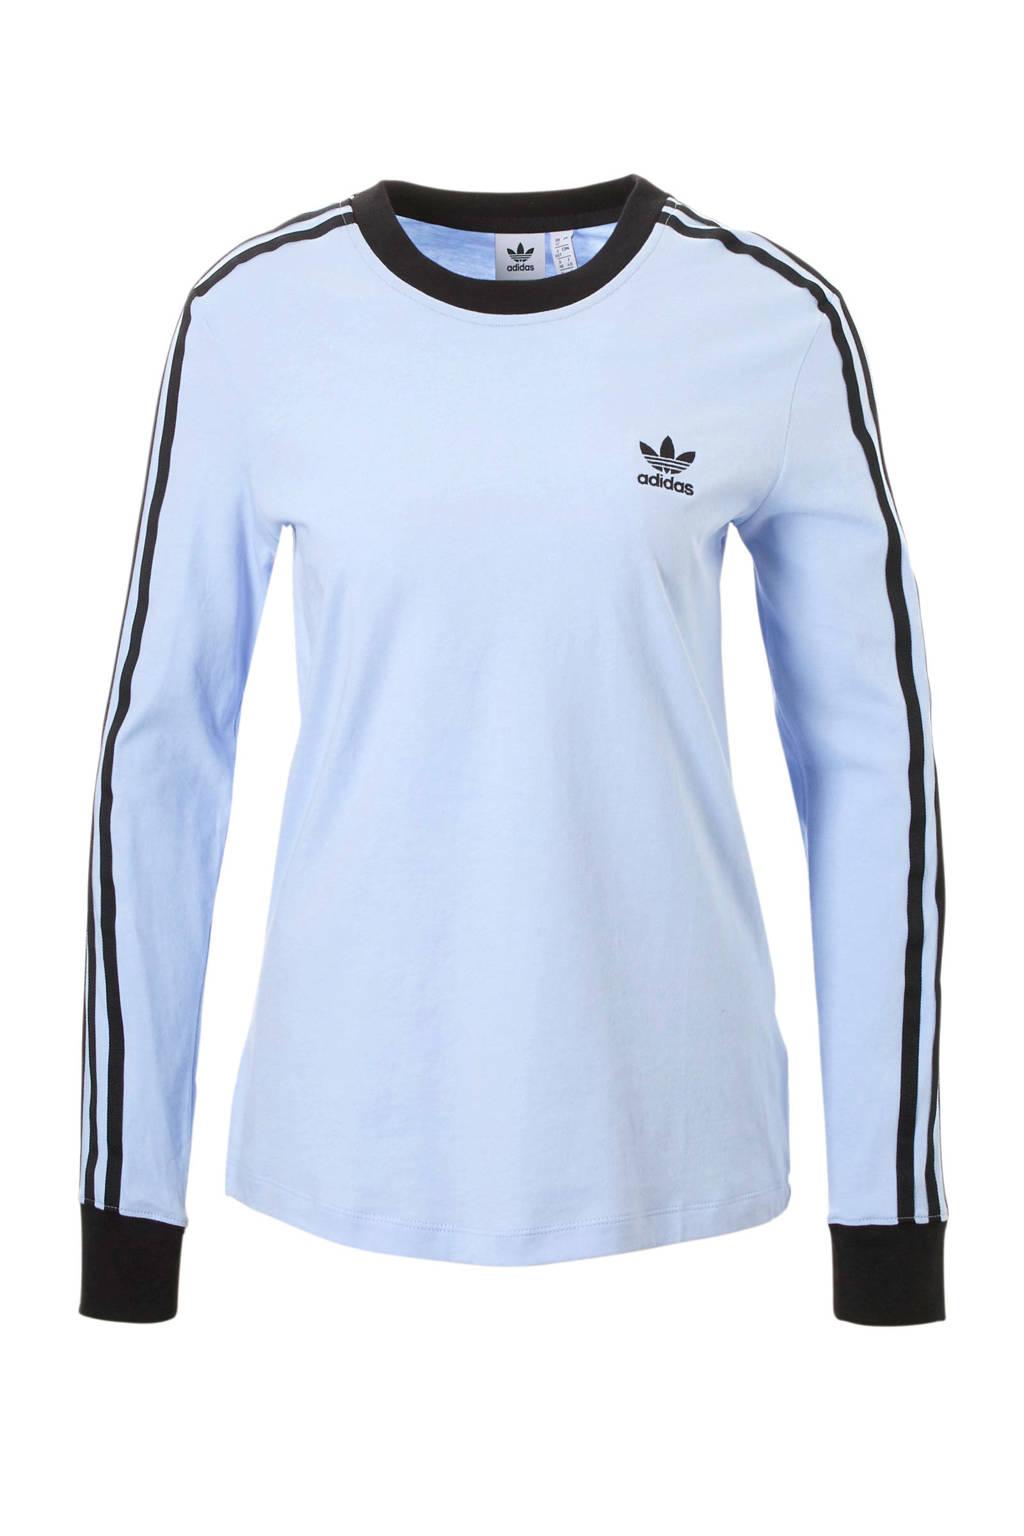 adidas originals T-shirt lichtblauw, Lichtblauw/zwart